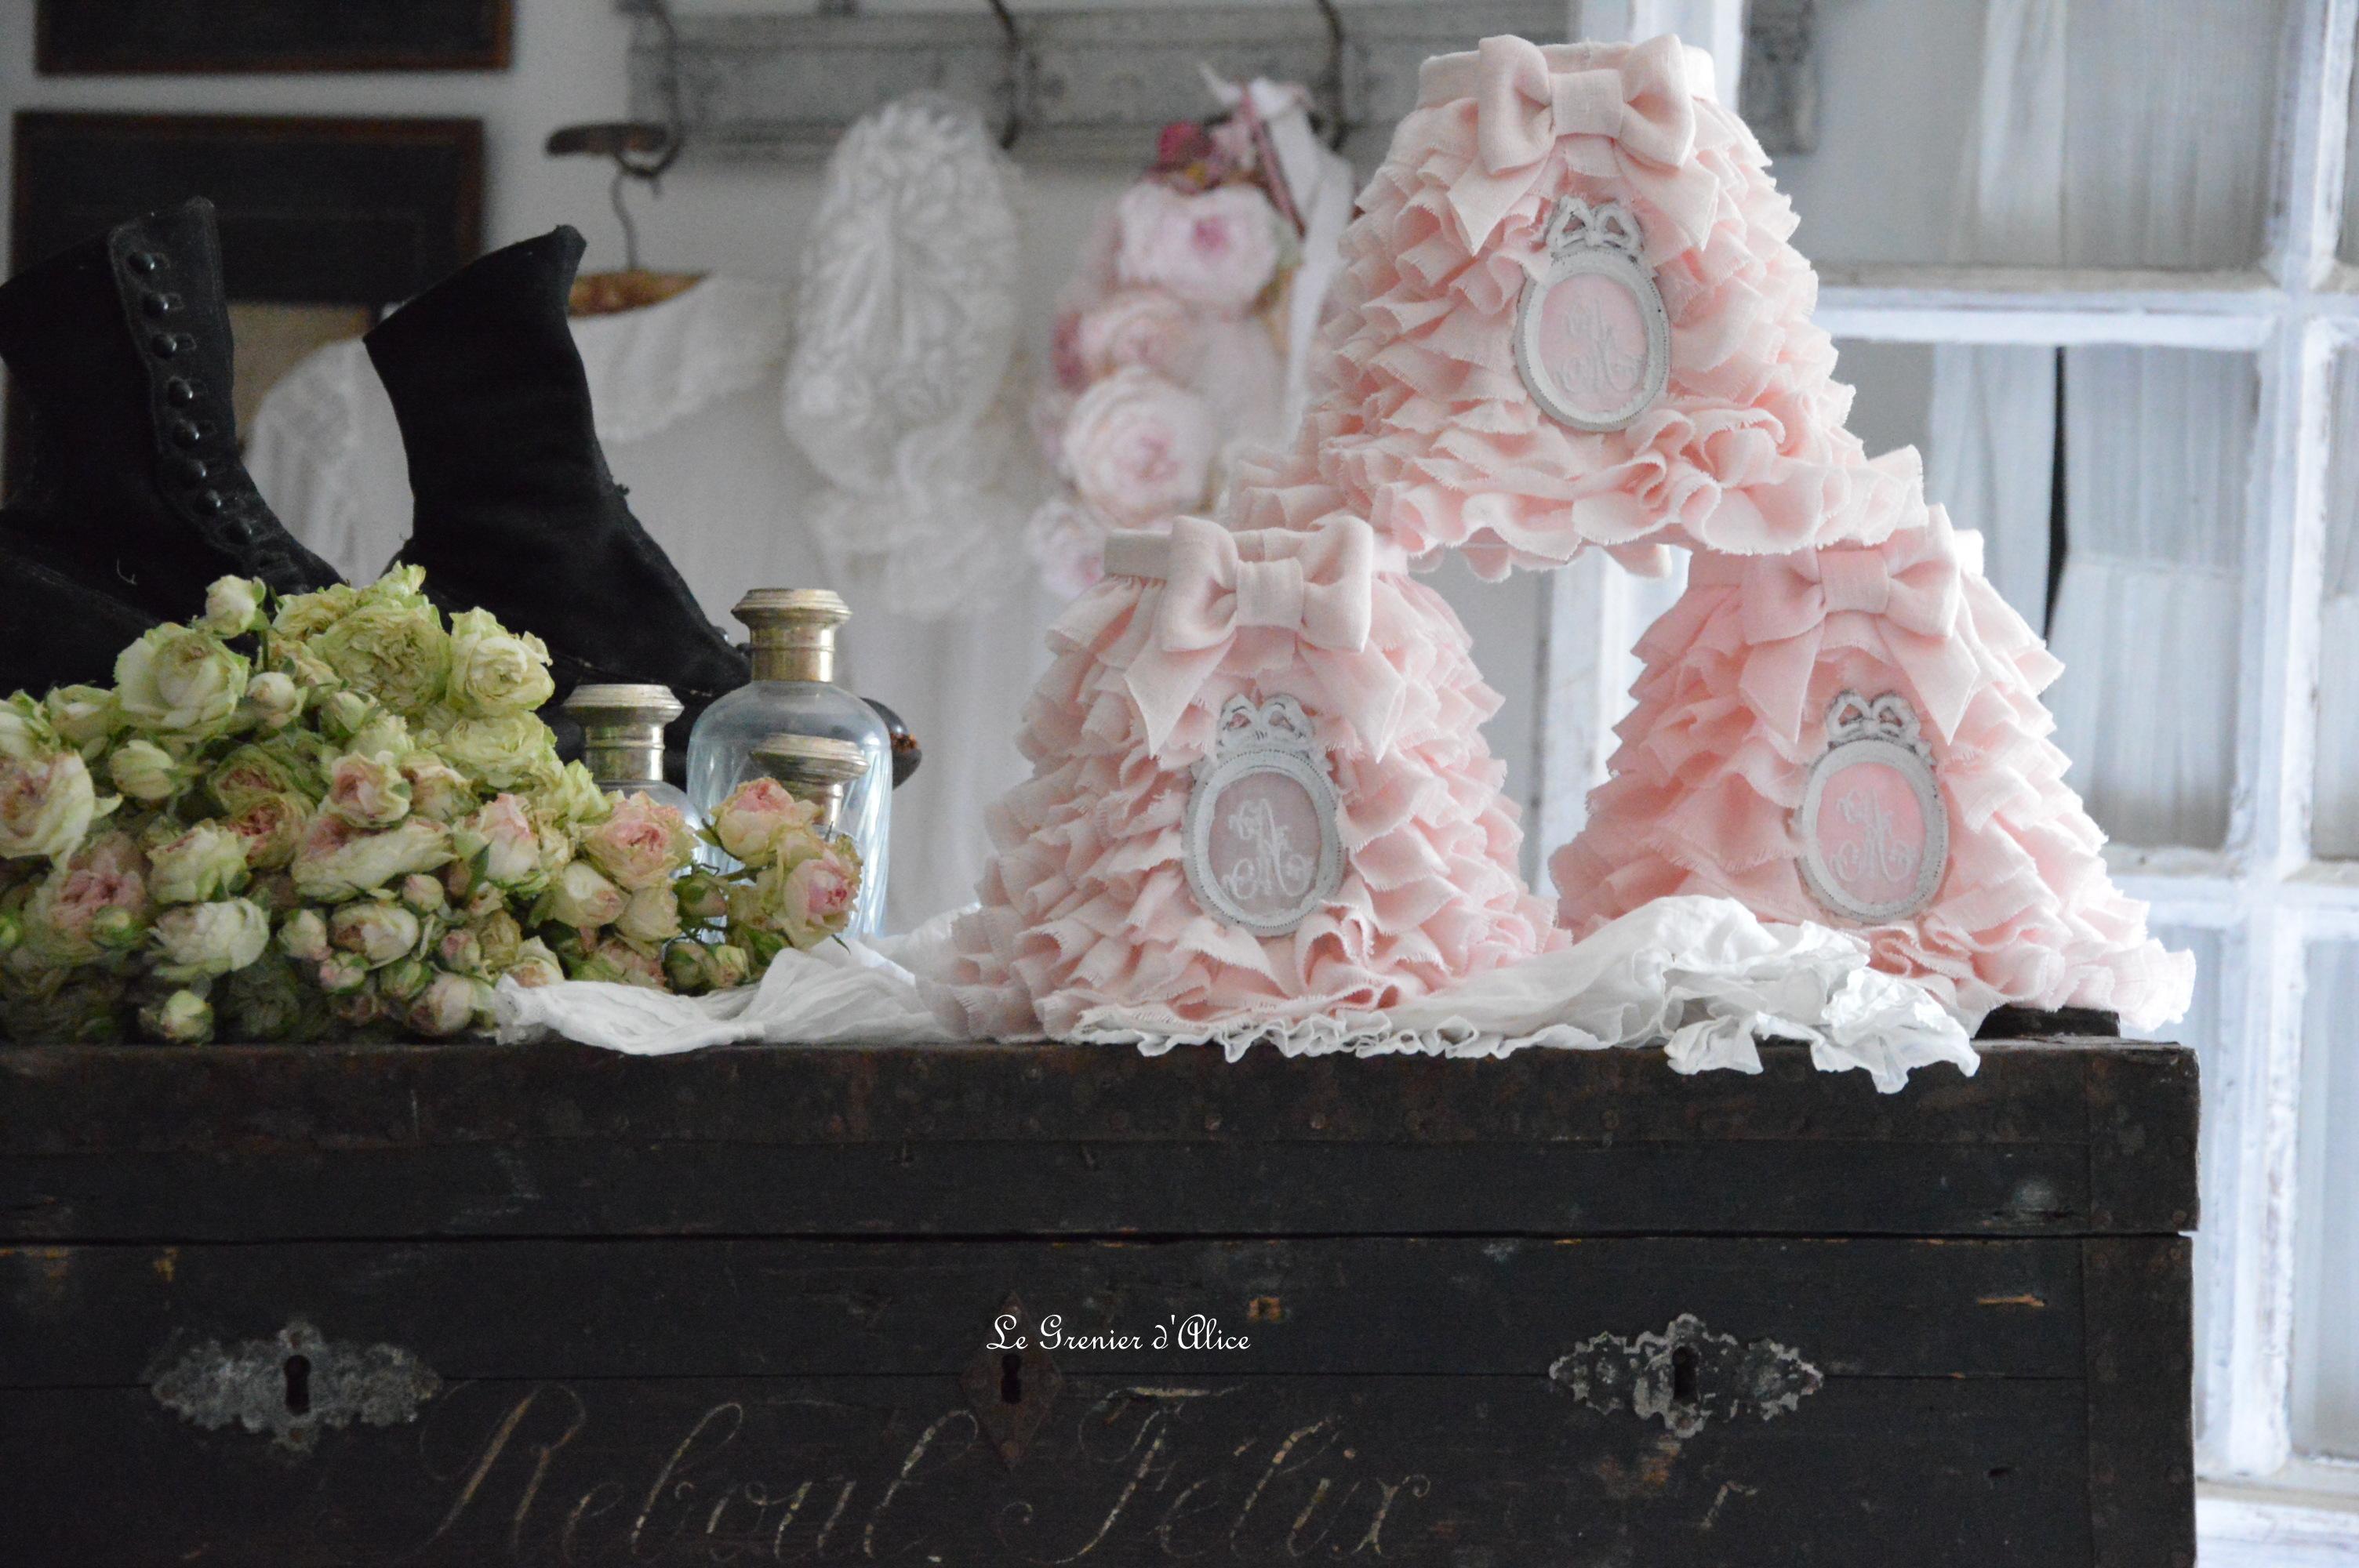 Pierre de Ronsard abat jour romantique shabby chic lin rose poudré abat jour froufrou organdi blanc monogramme brodé ornement resine patine ruffle romantic lampshade 2